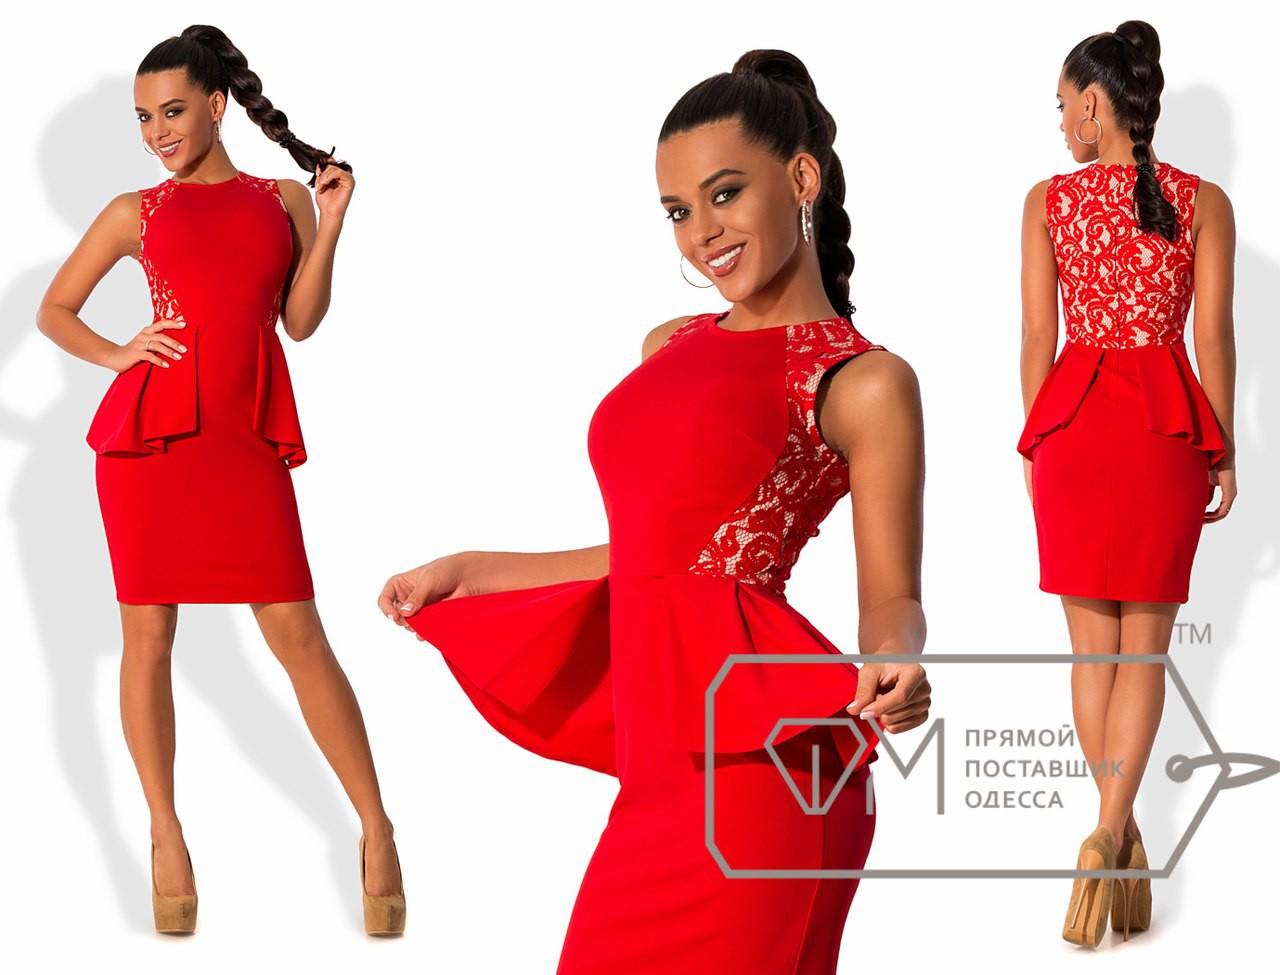 Сбор заказов. Начинаем готовиться к корпоративам! Фабрика моды для самых изысканных модниц. Женская одежда от 42 до 56 размера на любой сезон и случай - 13 выкуп.